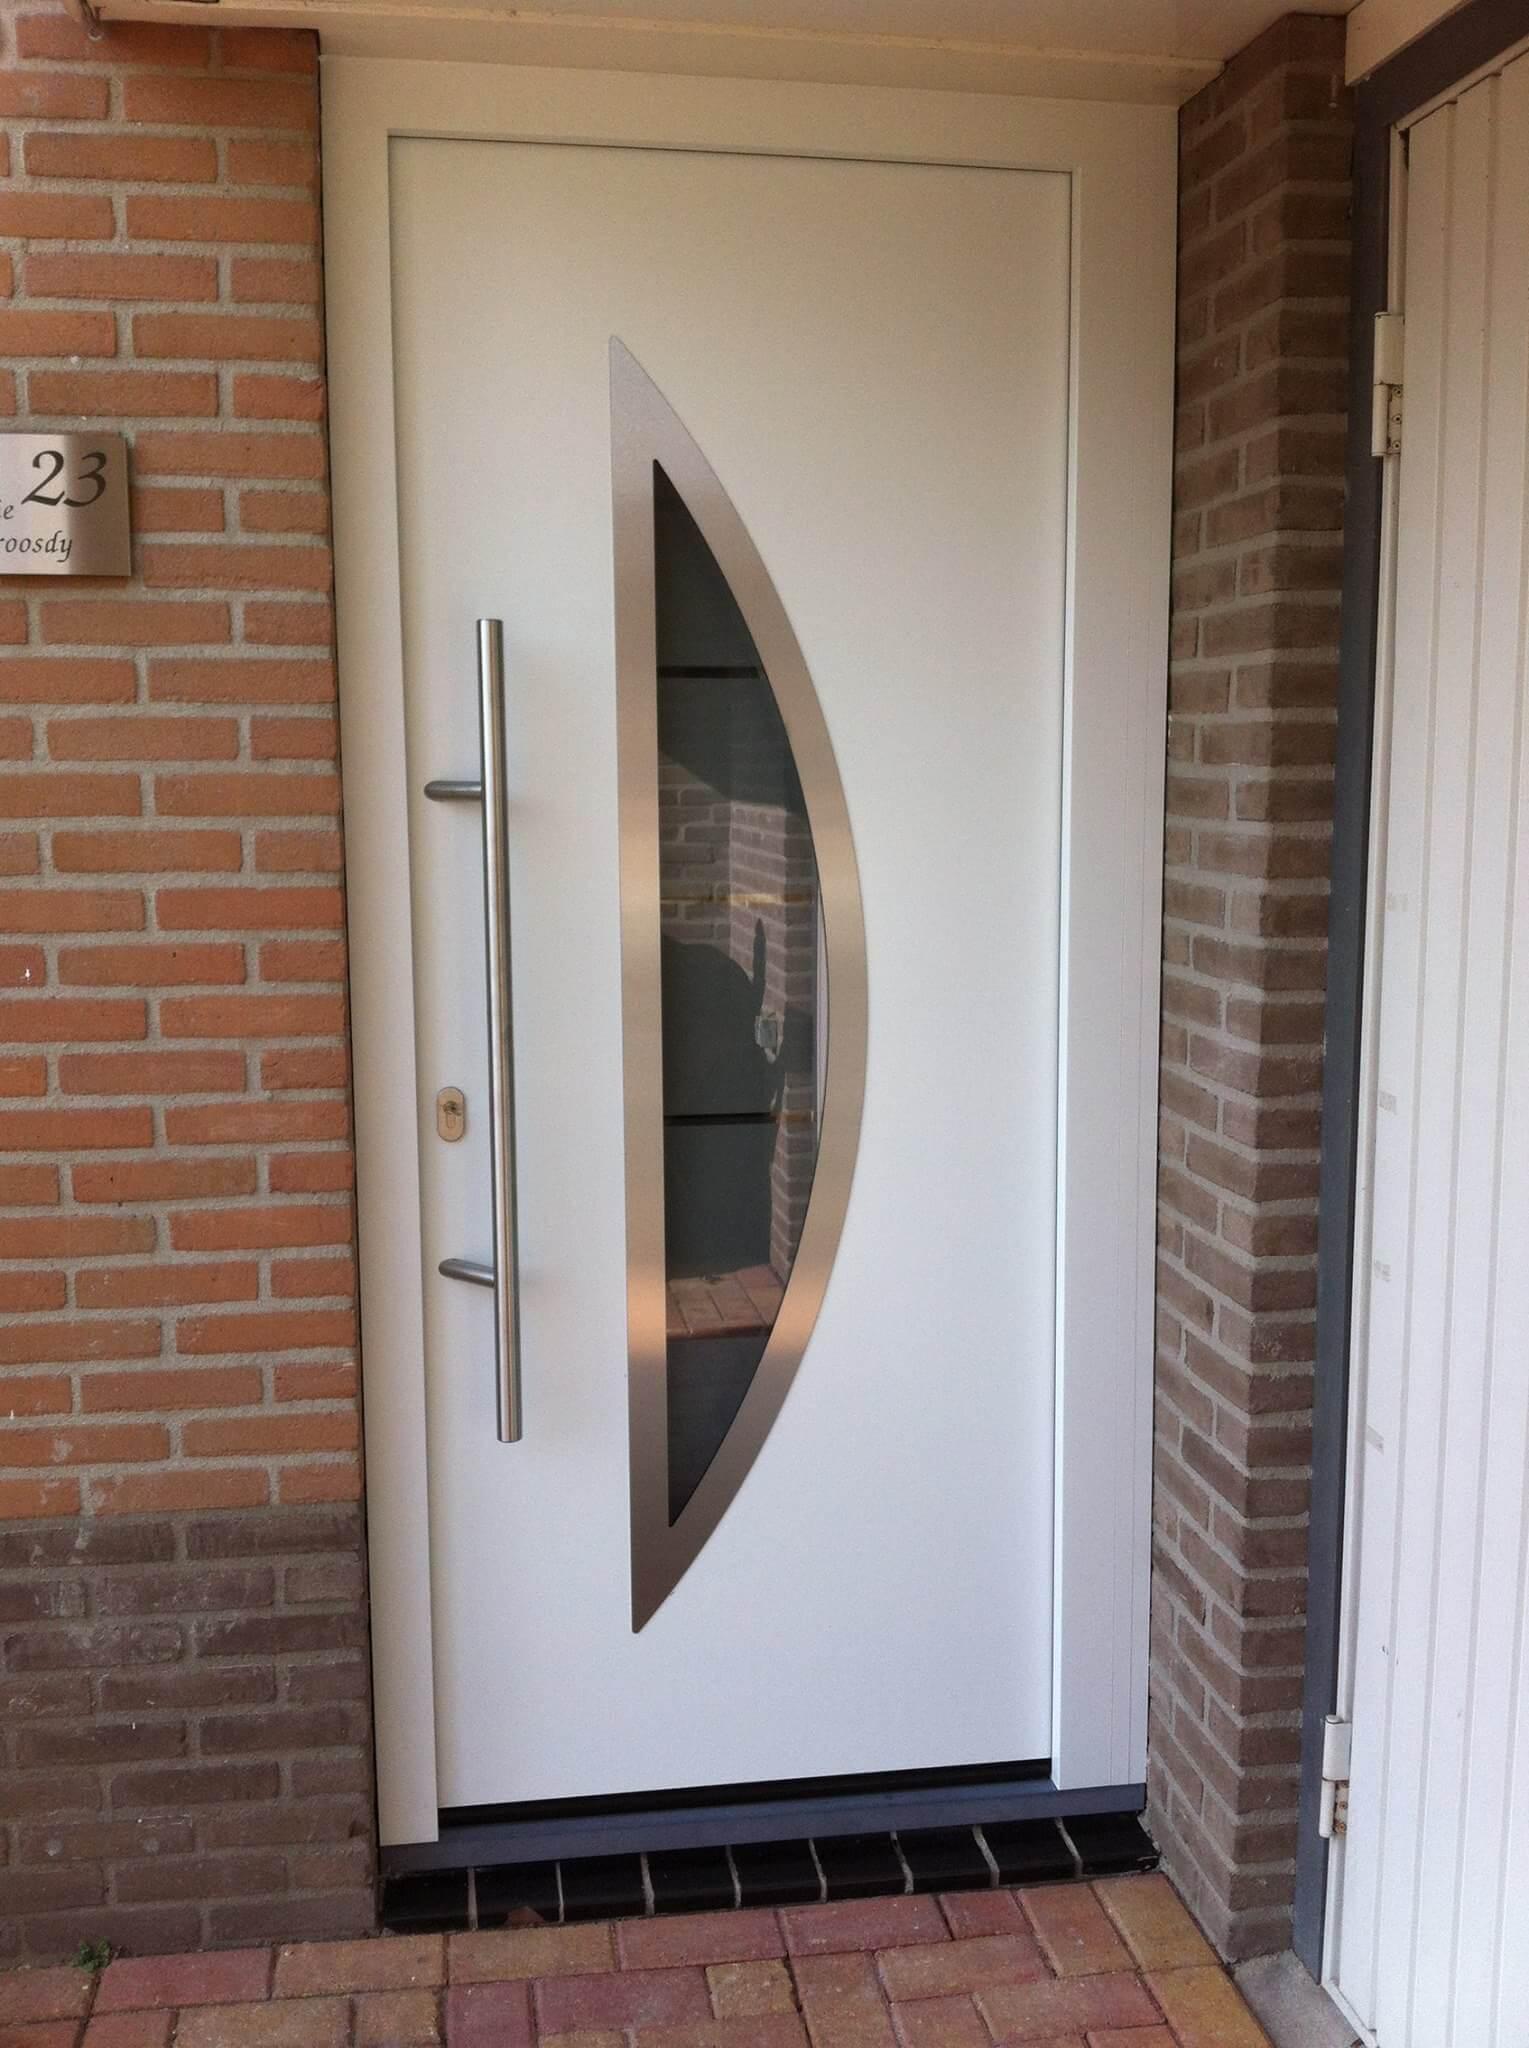 Verbazingwekkend Onderdelen garagedeuren - BENGS Garagdeuren Specialist Groningen XI-11